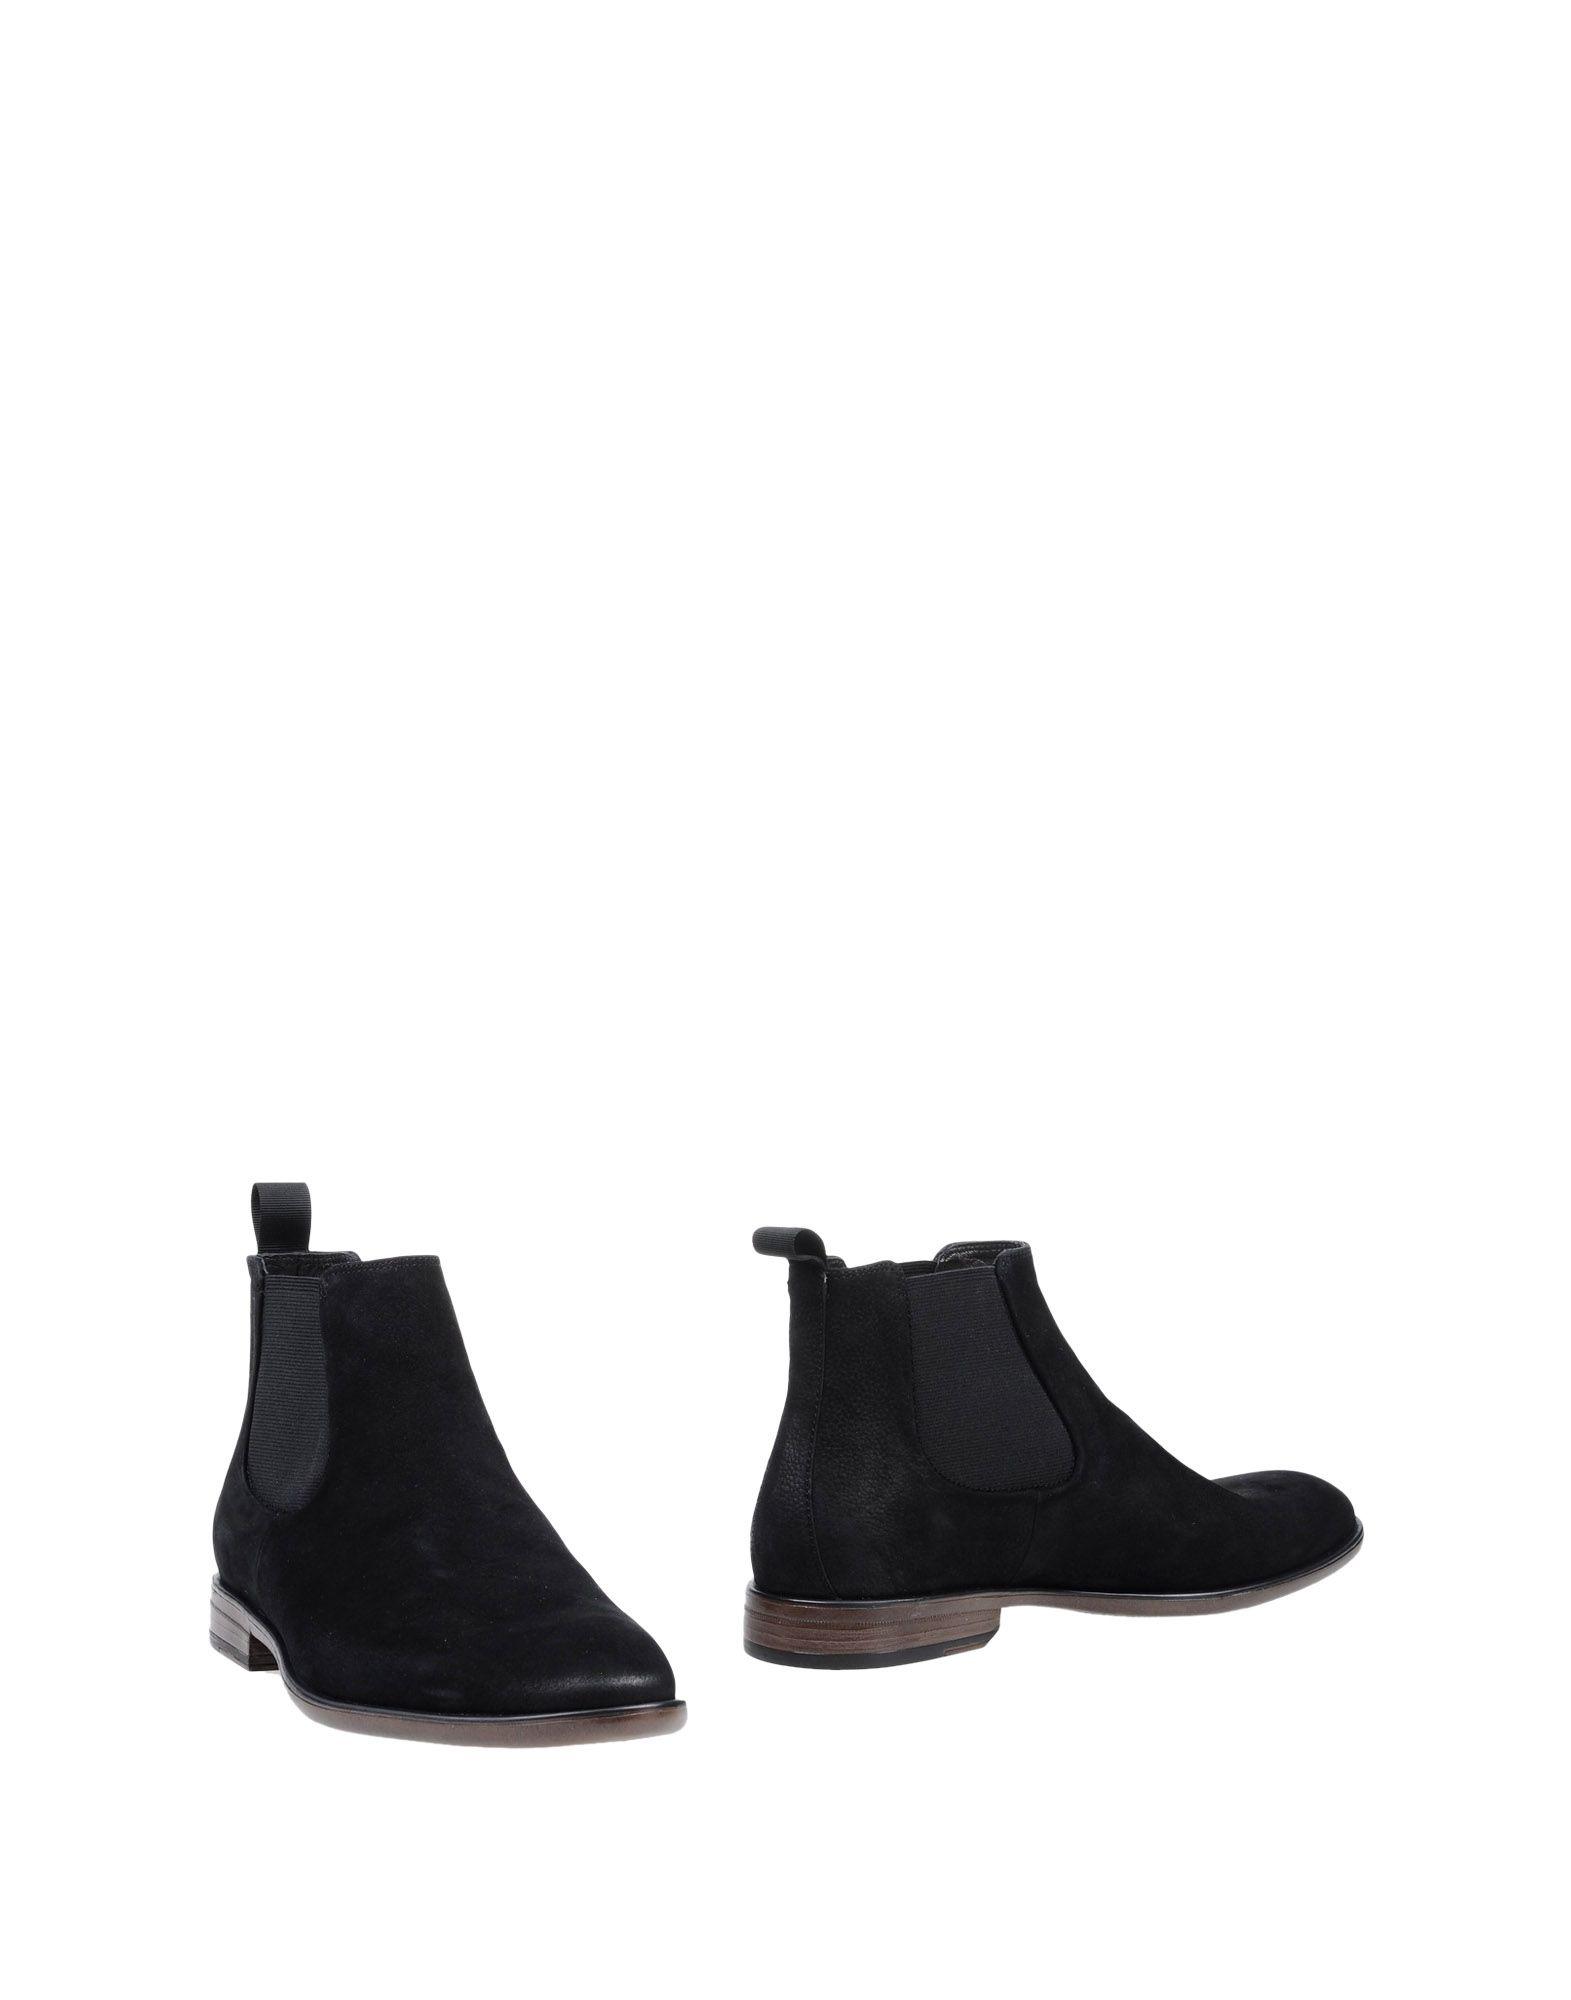 Vagabond Shoemakers Stiefelette Herren  11379252NT Gute Qualität beliebte Schuhe